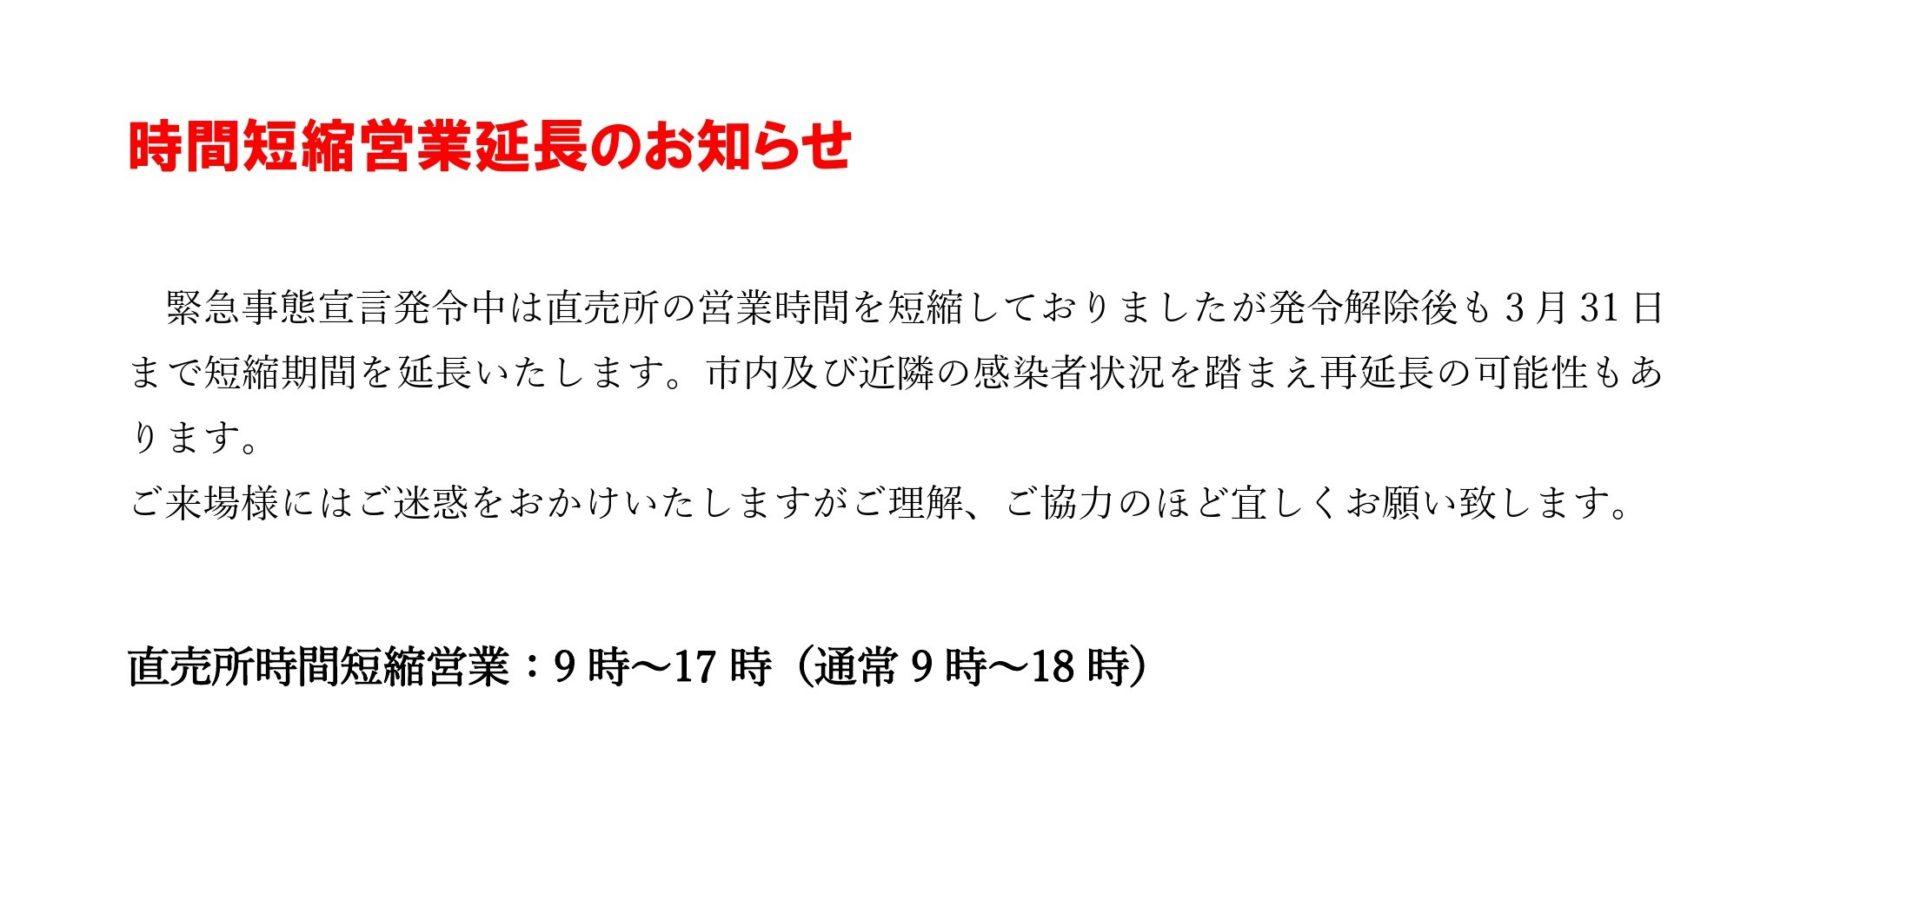 短縮時間営業延長のお知らせ (2)